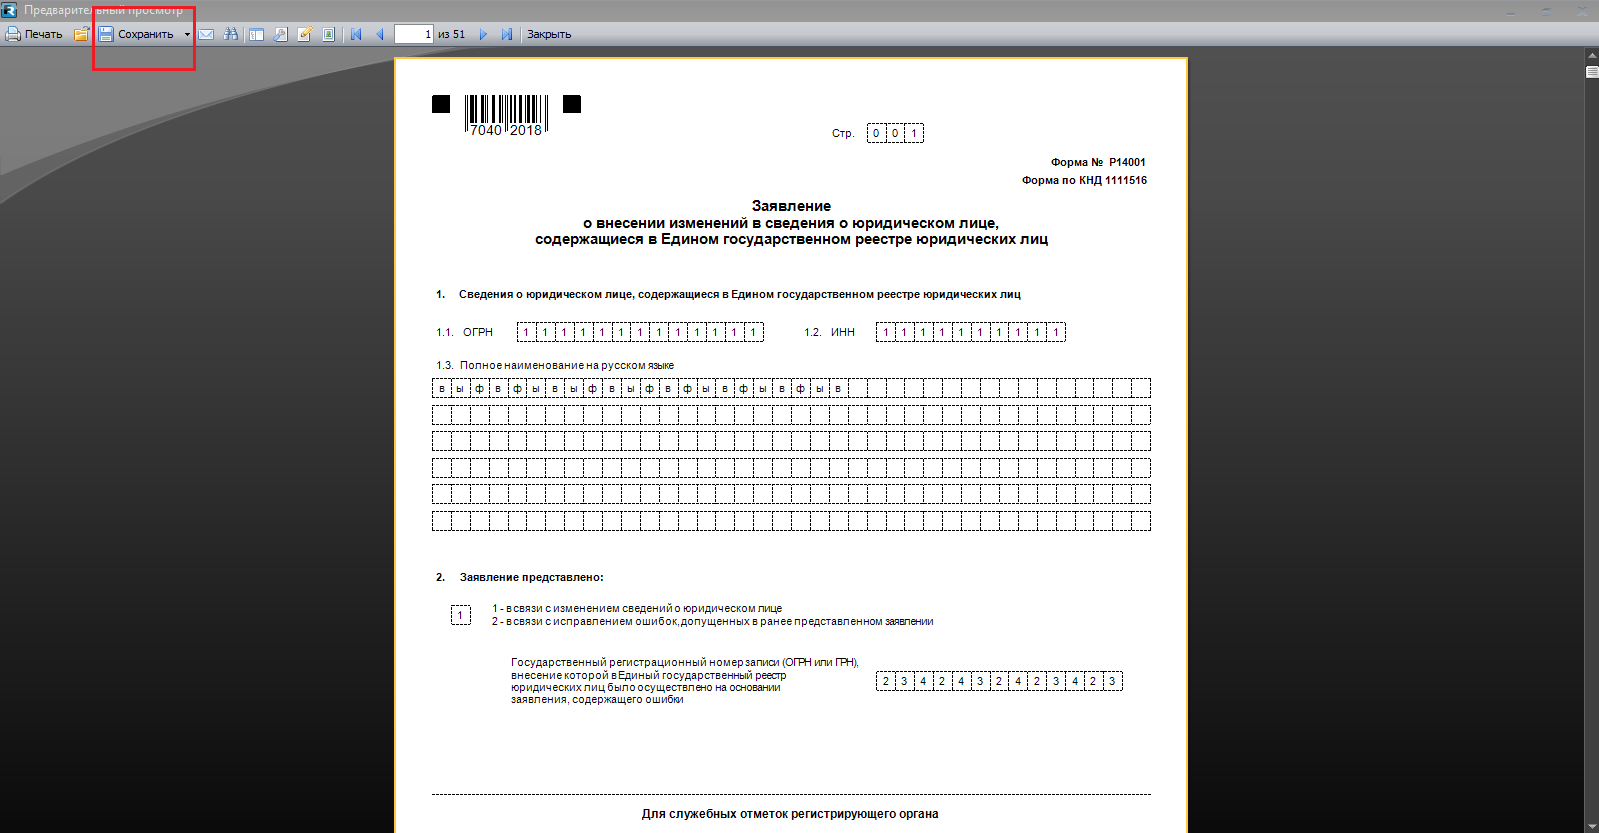 Как отправить заявление о внесении изменений в сведения о юридическом лице, содержащиеся в ЕГРЮЛ (форма N Р14001) с помощью программы «Почтовый агент»